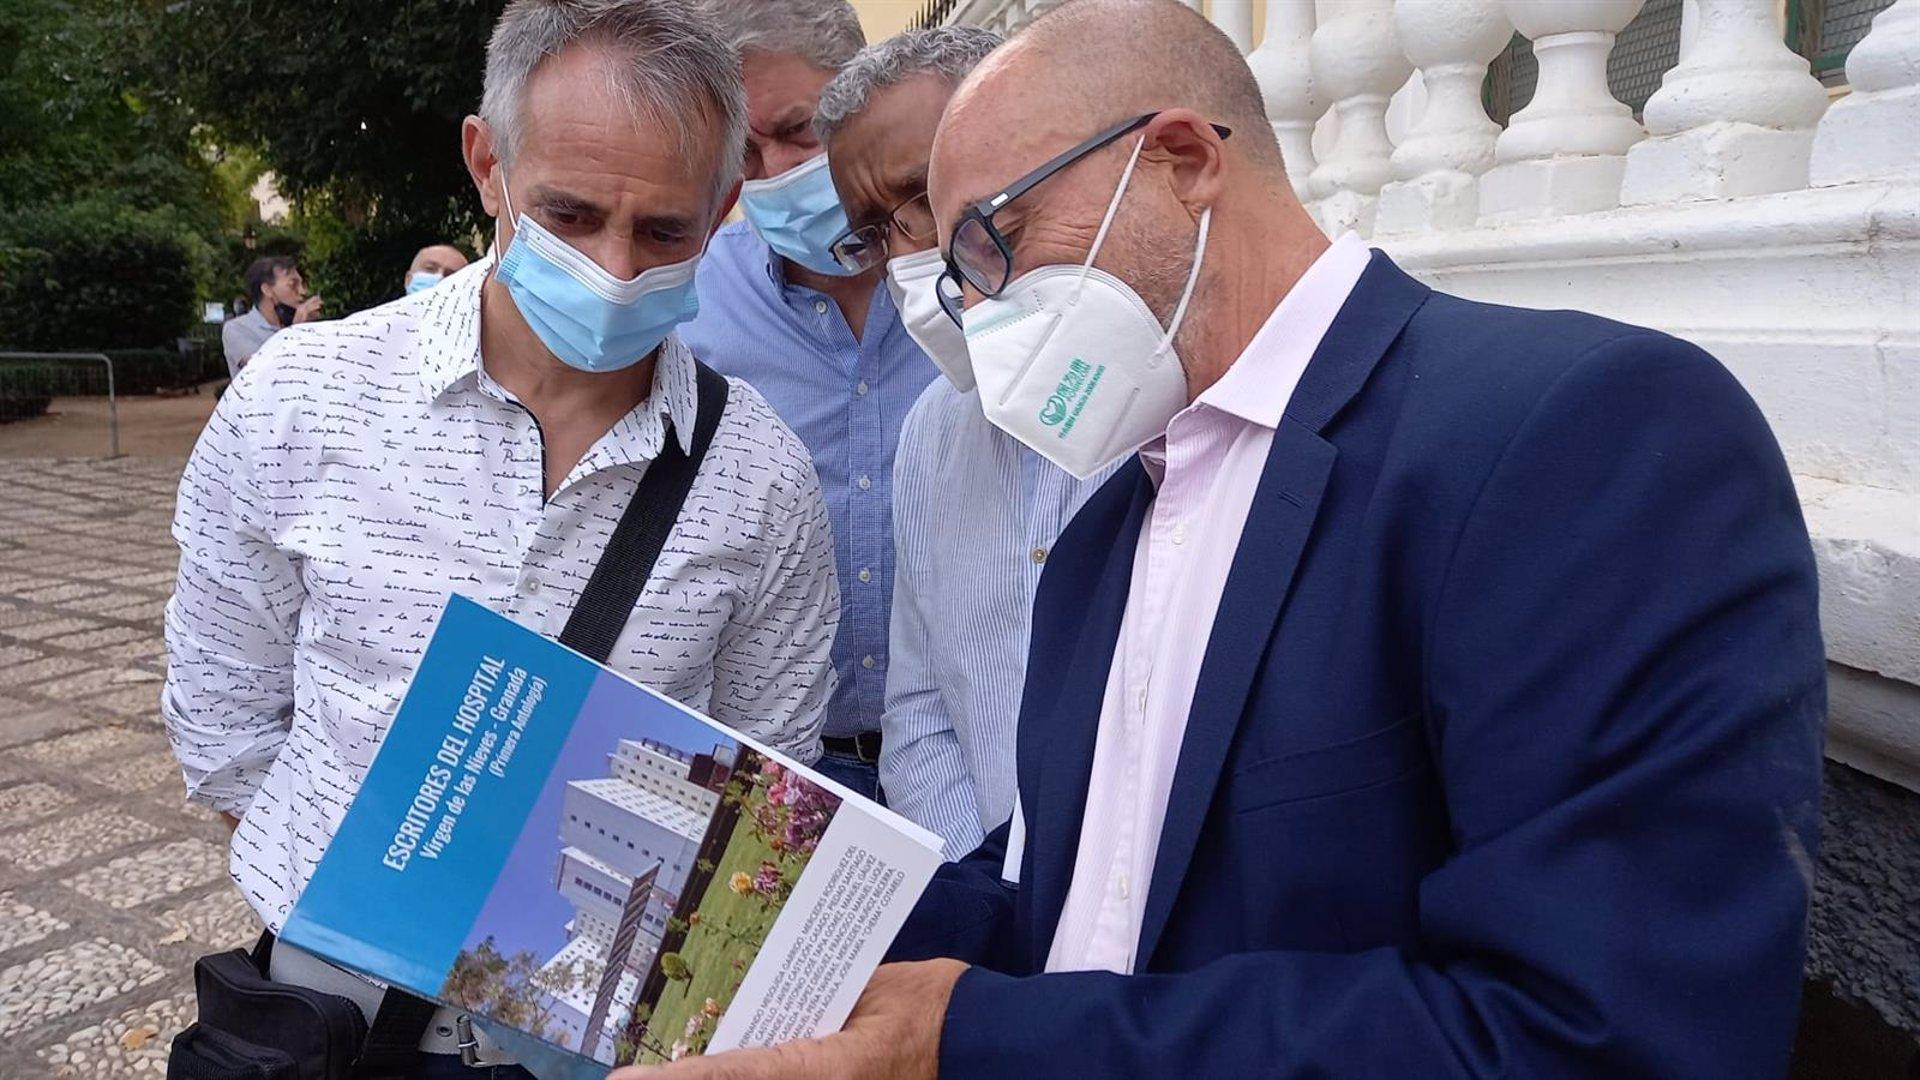 La biblioteca del Hospital Virgen de las Nieves añade 230 libros donados por asistentes a Feria del Libro